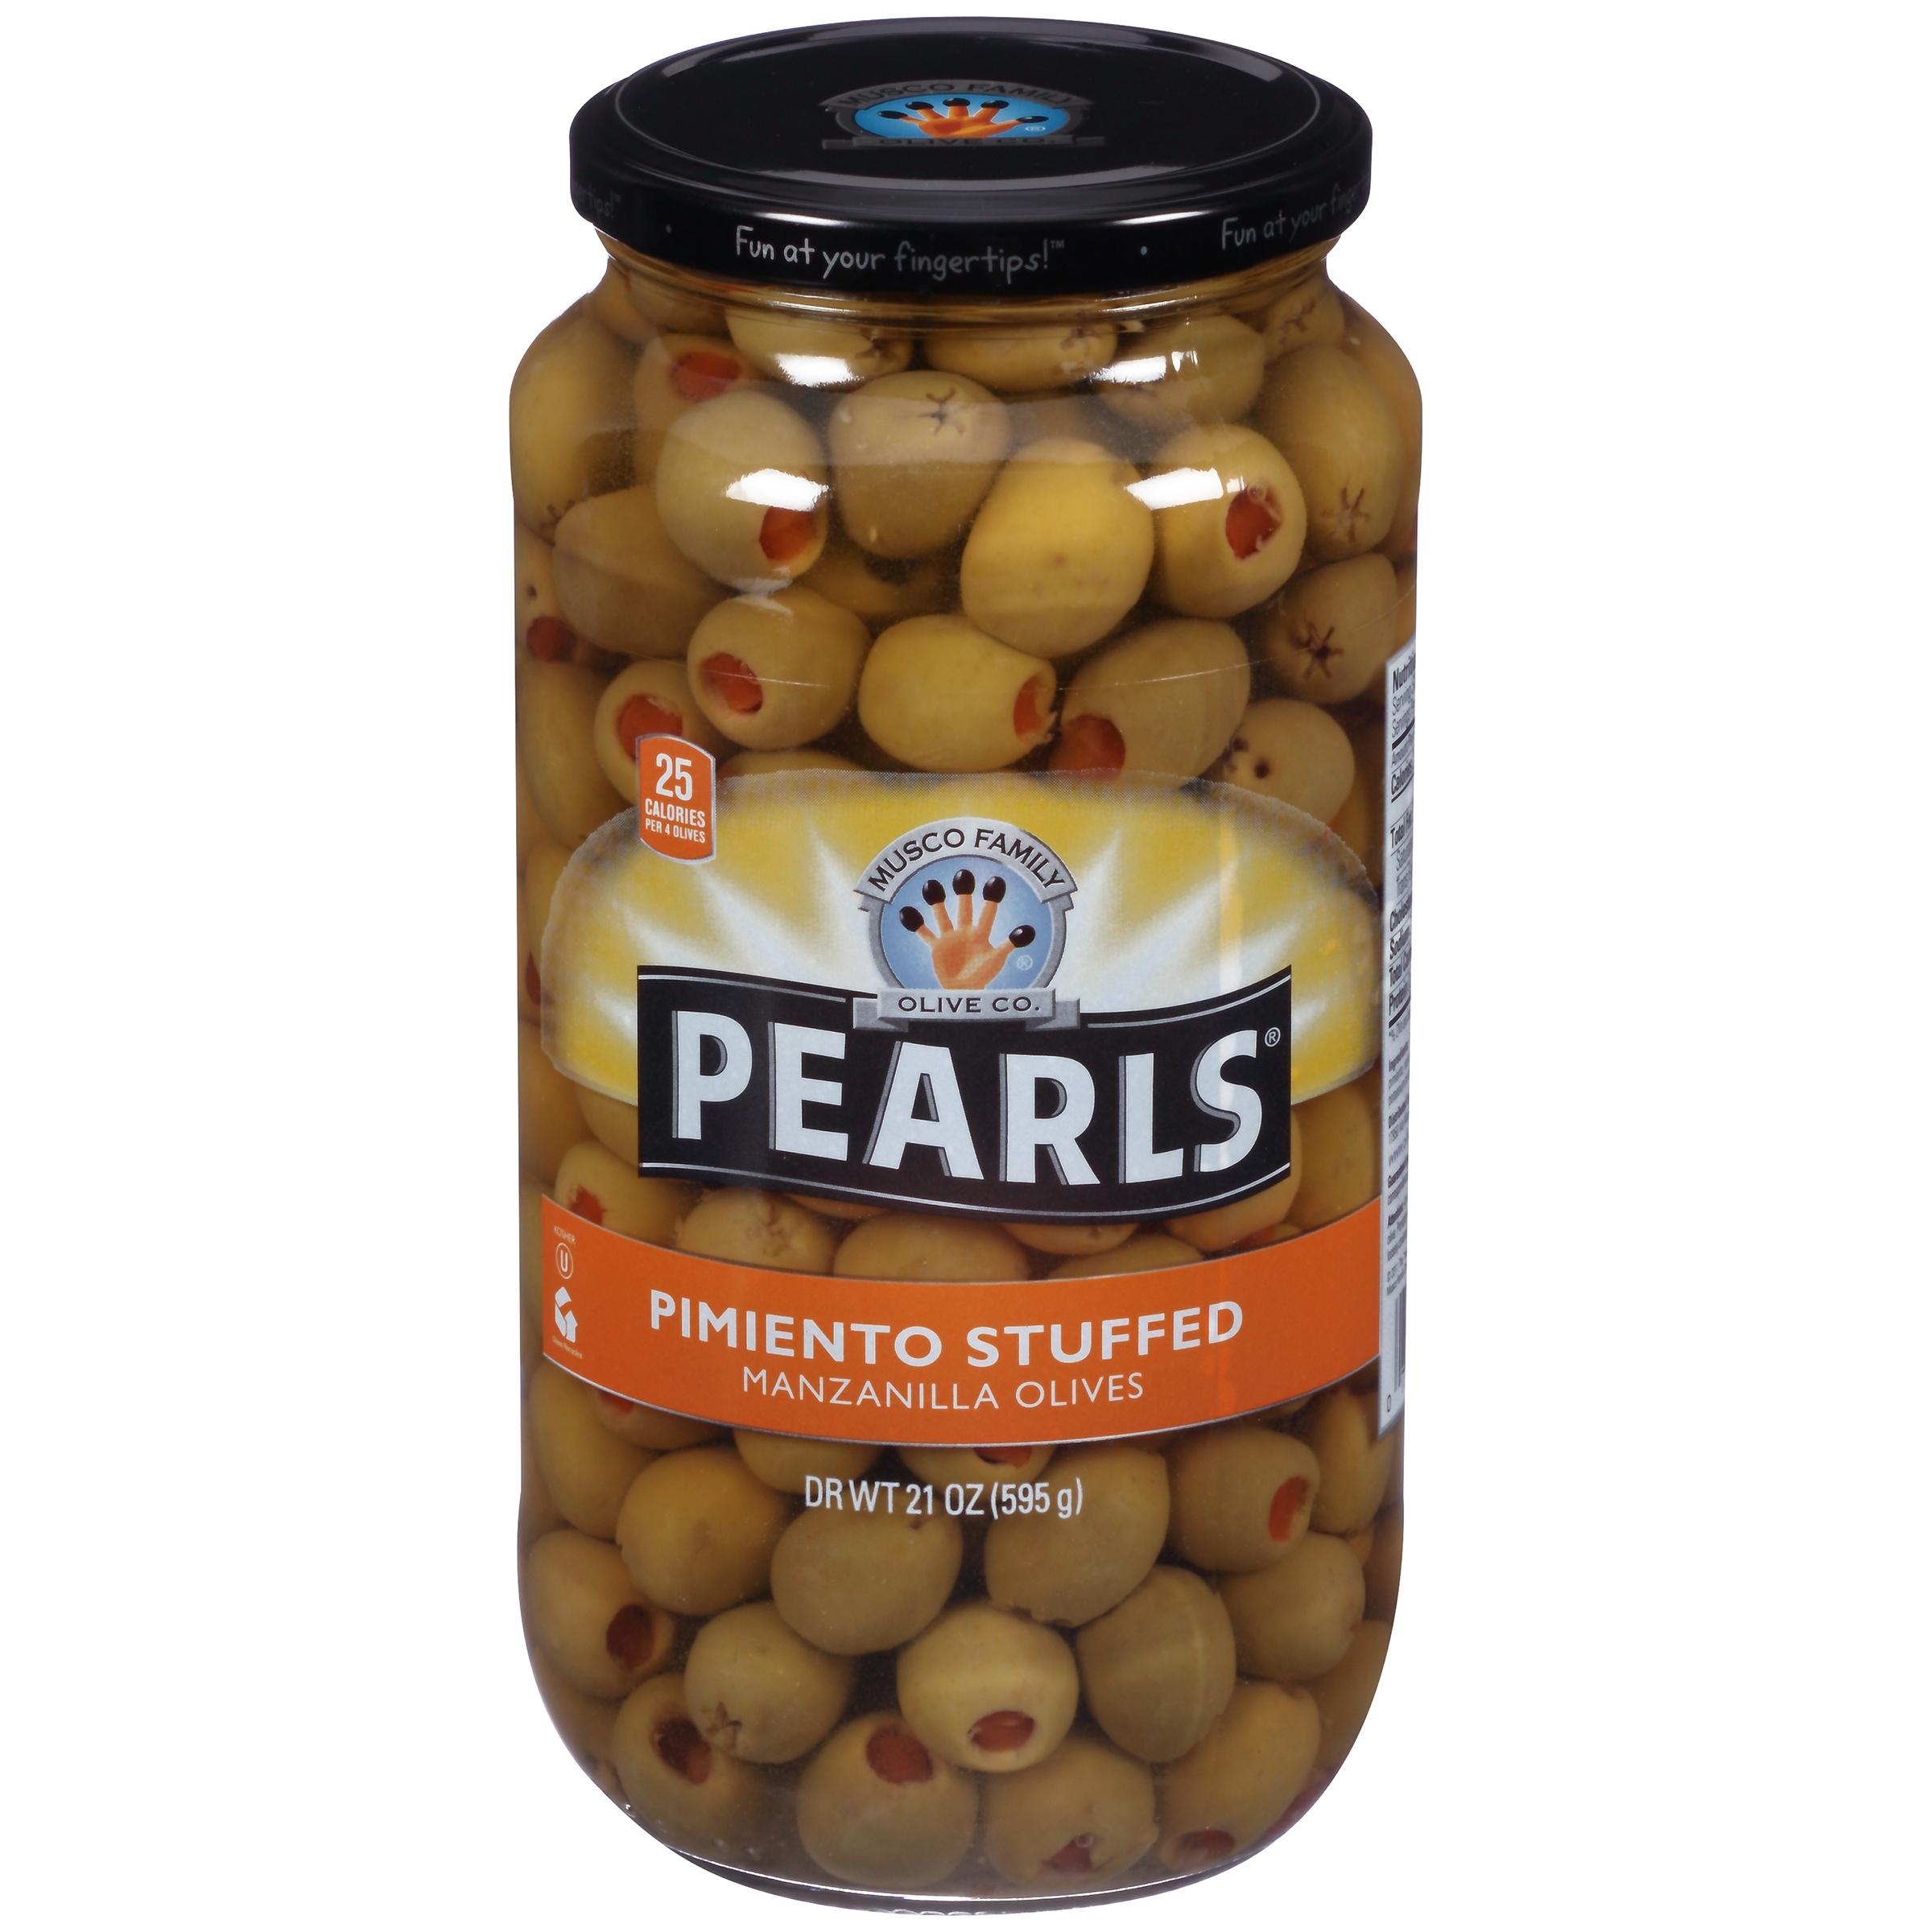 Pearls® Pimiento Stuffed Manzanilla Olives, 21 oz. Jar